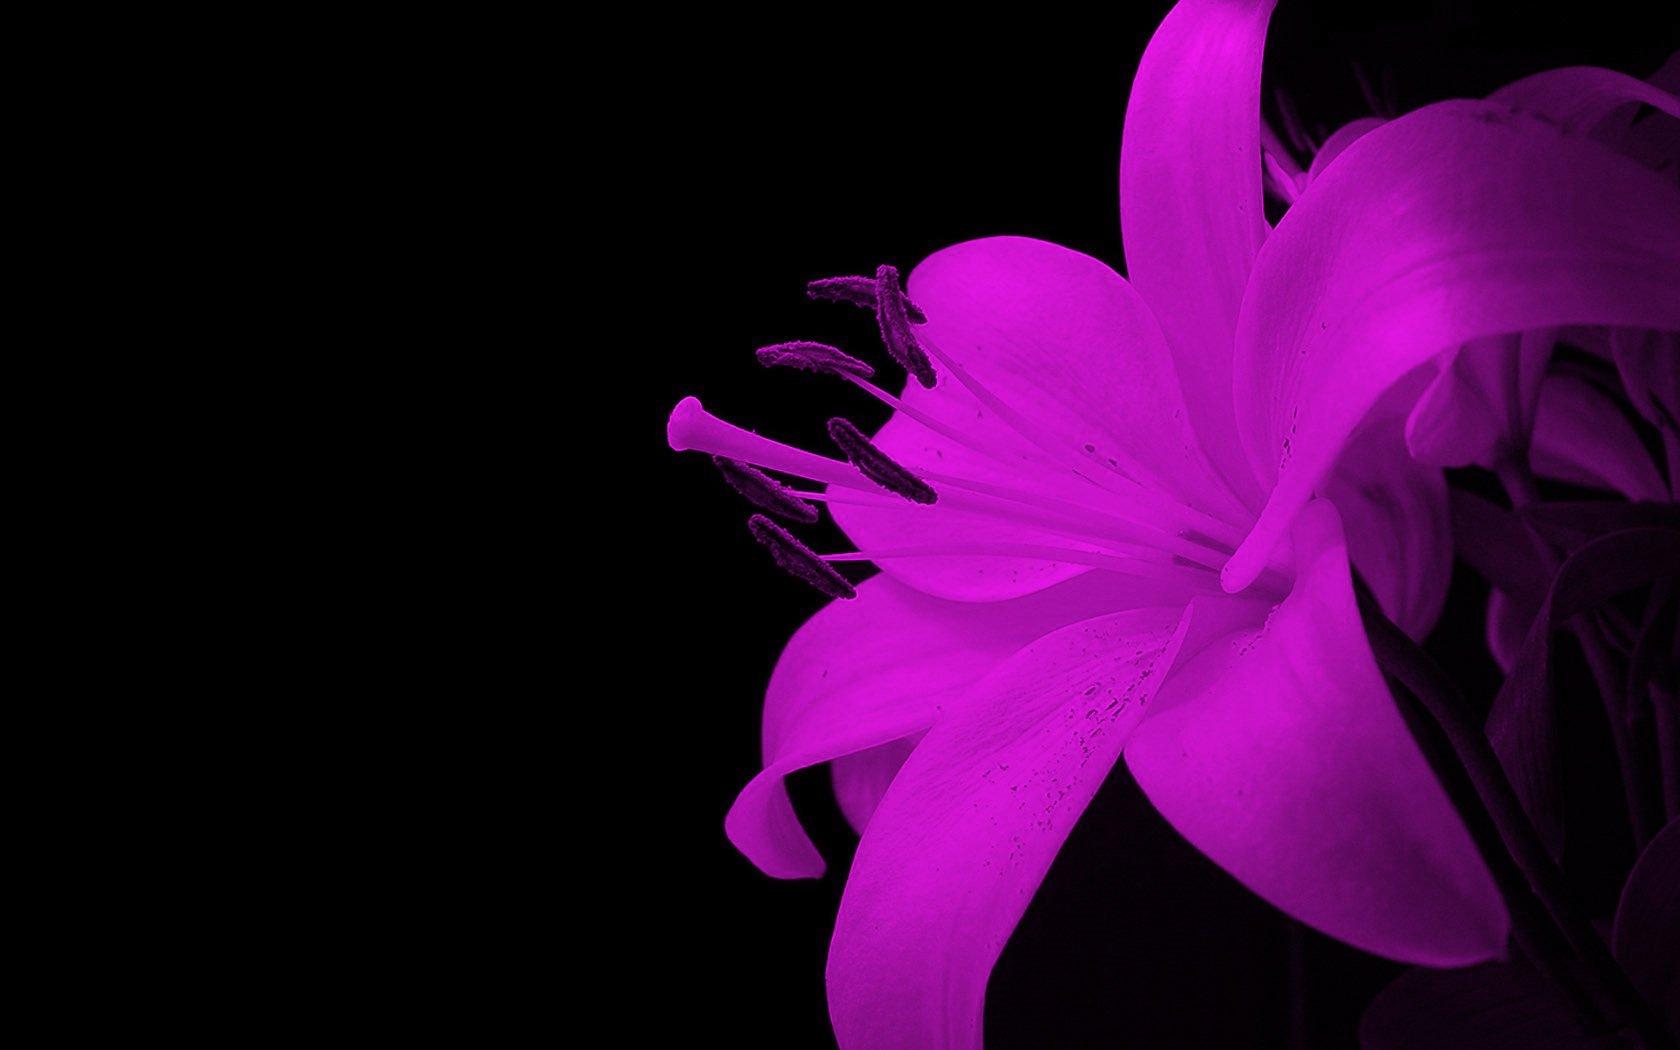 картинки сиреневые цветы на черном фоне него уст